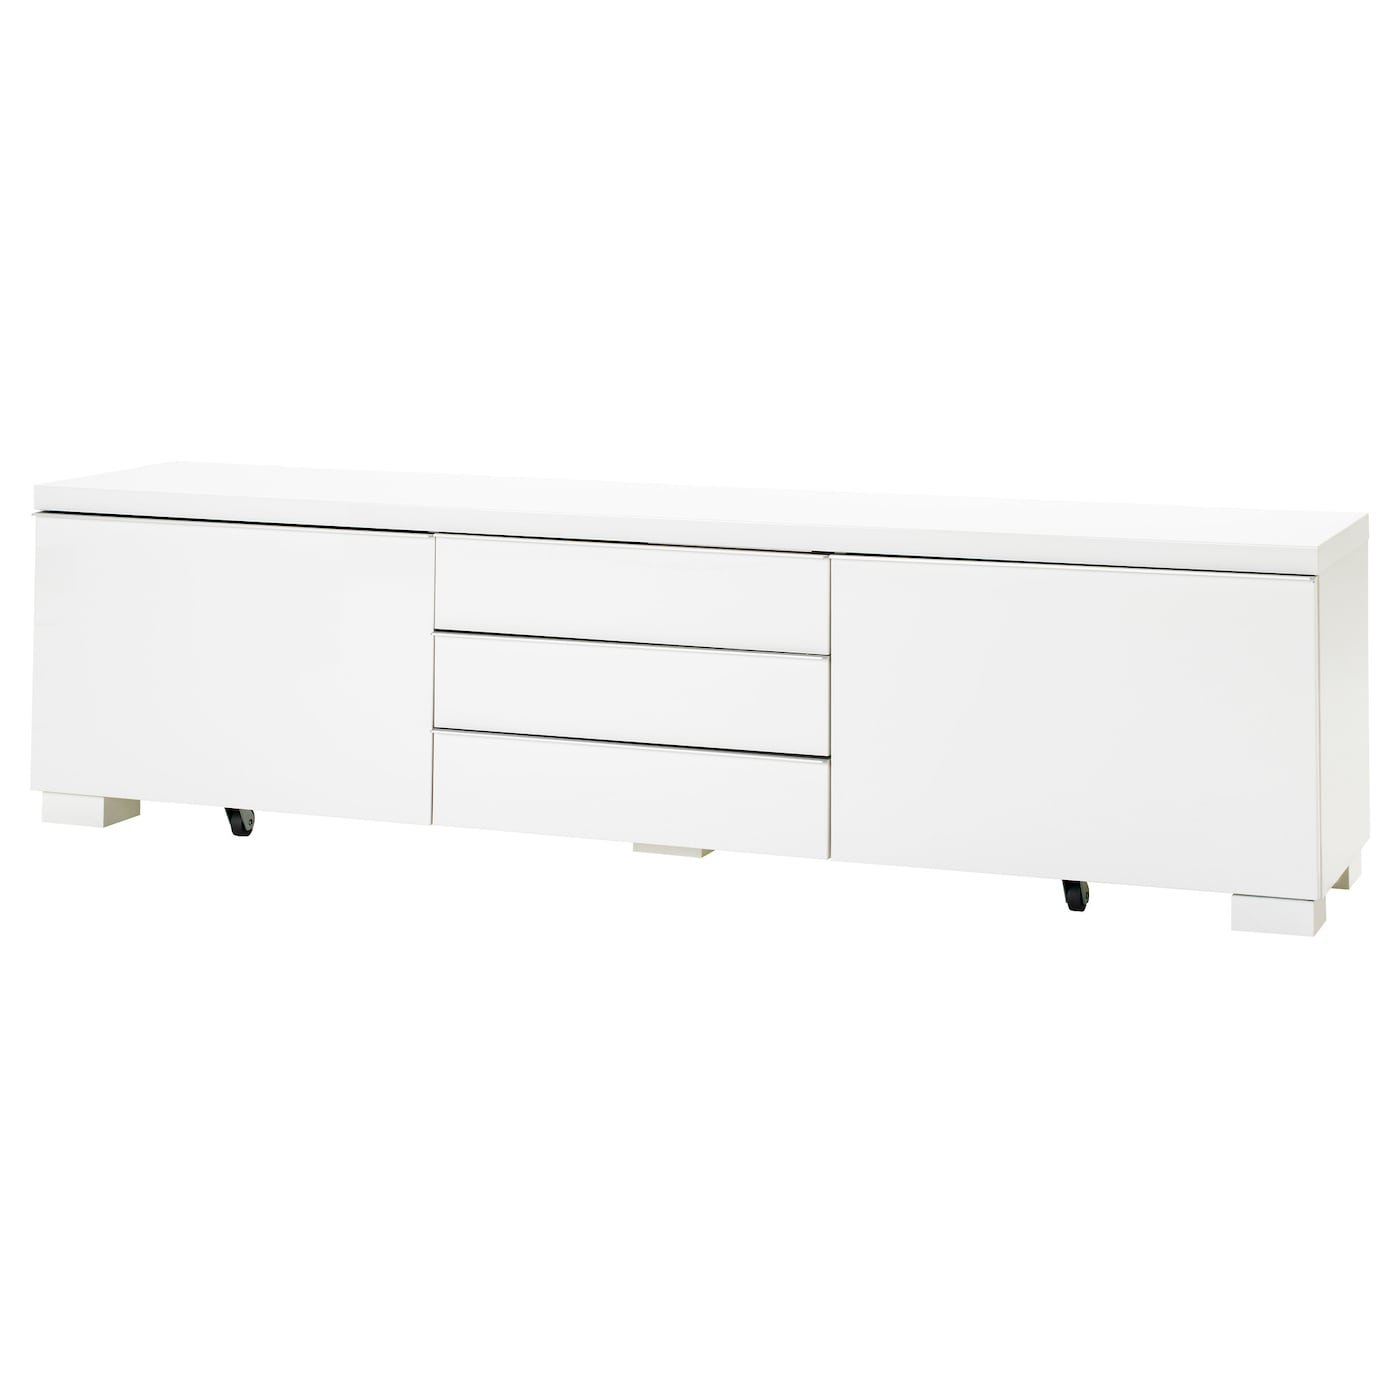 Meuble Tv Colonne Ikea bestÅ burs banc tv - brillant blanc 180x41x49 cm